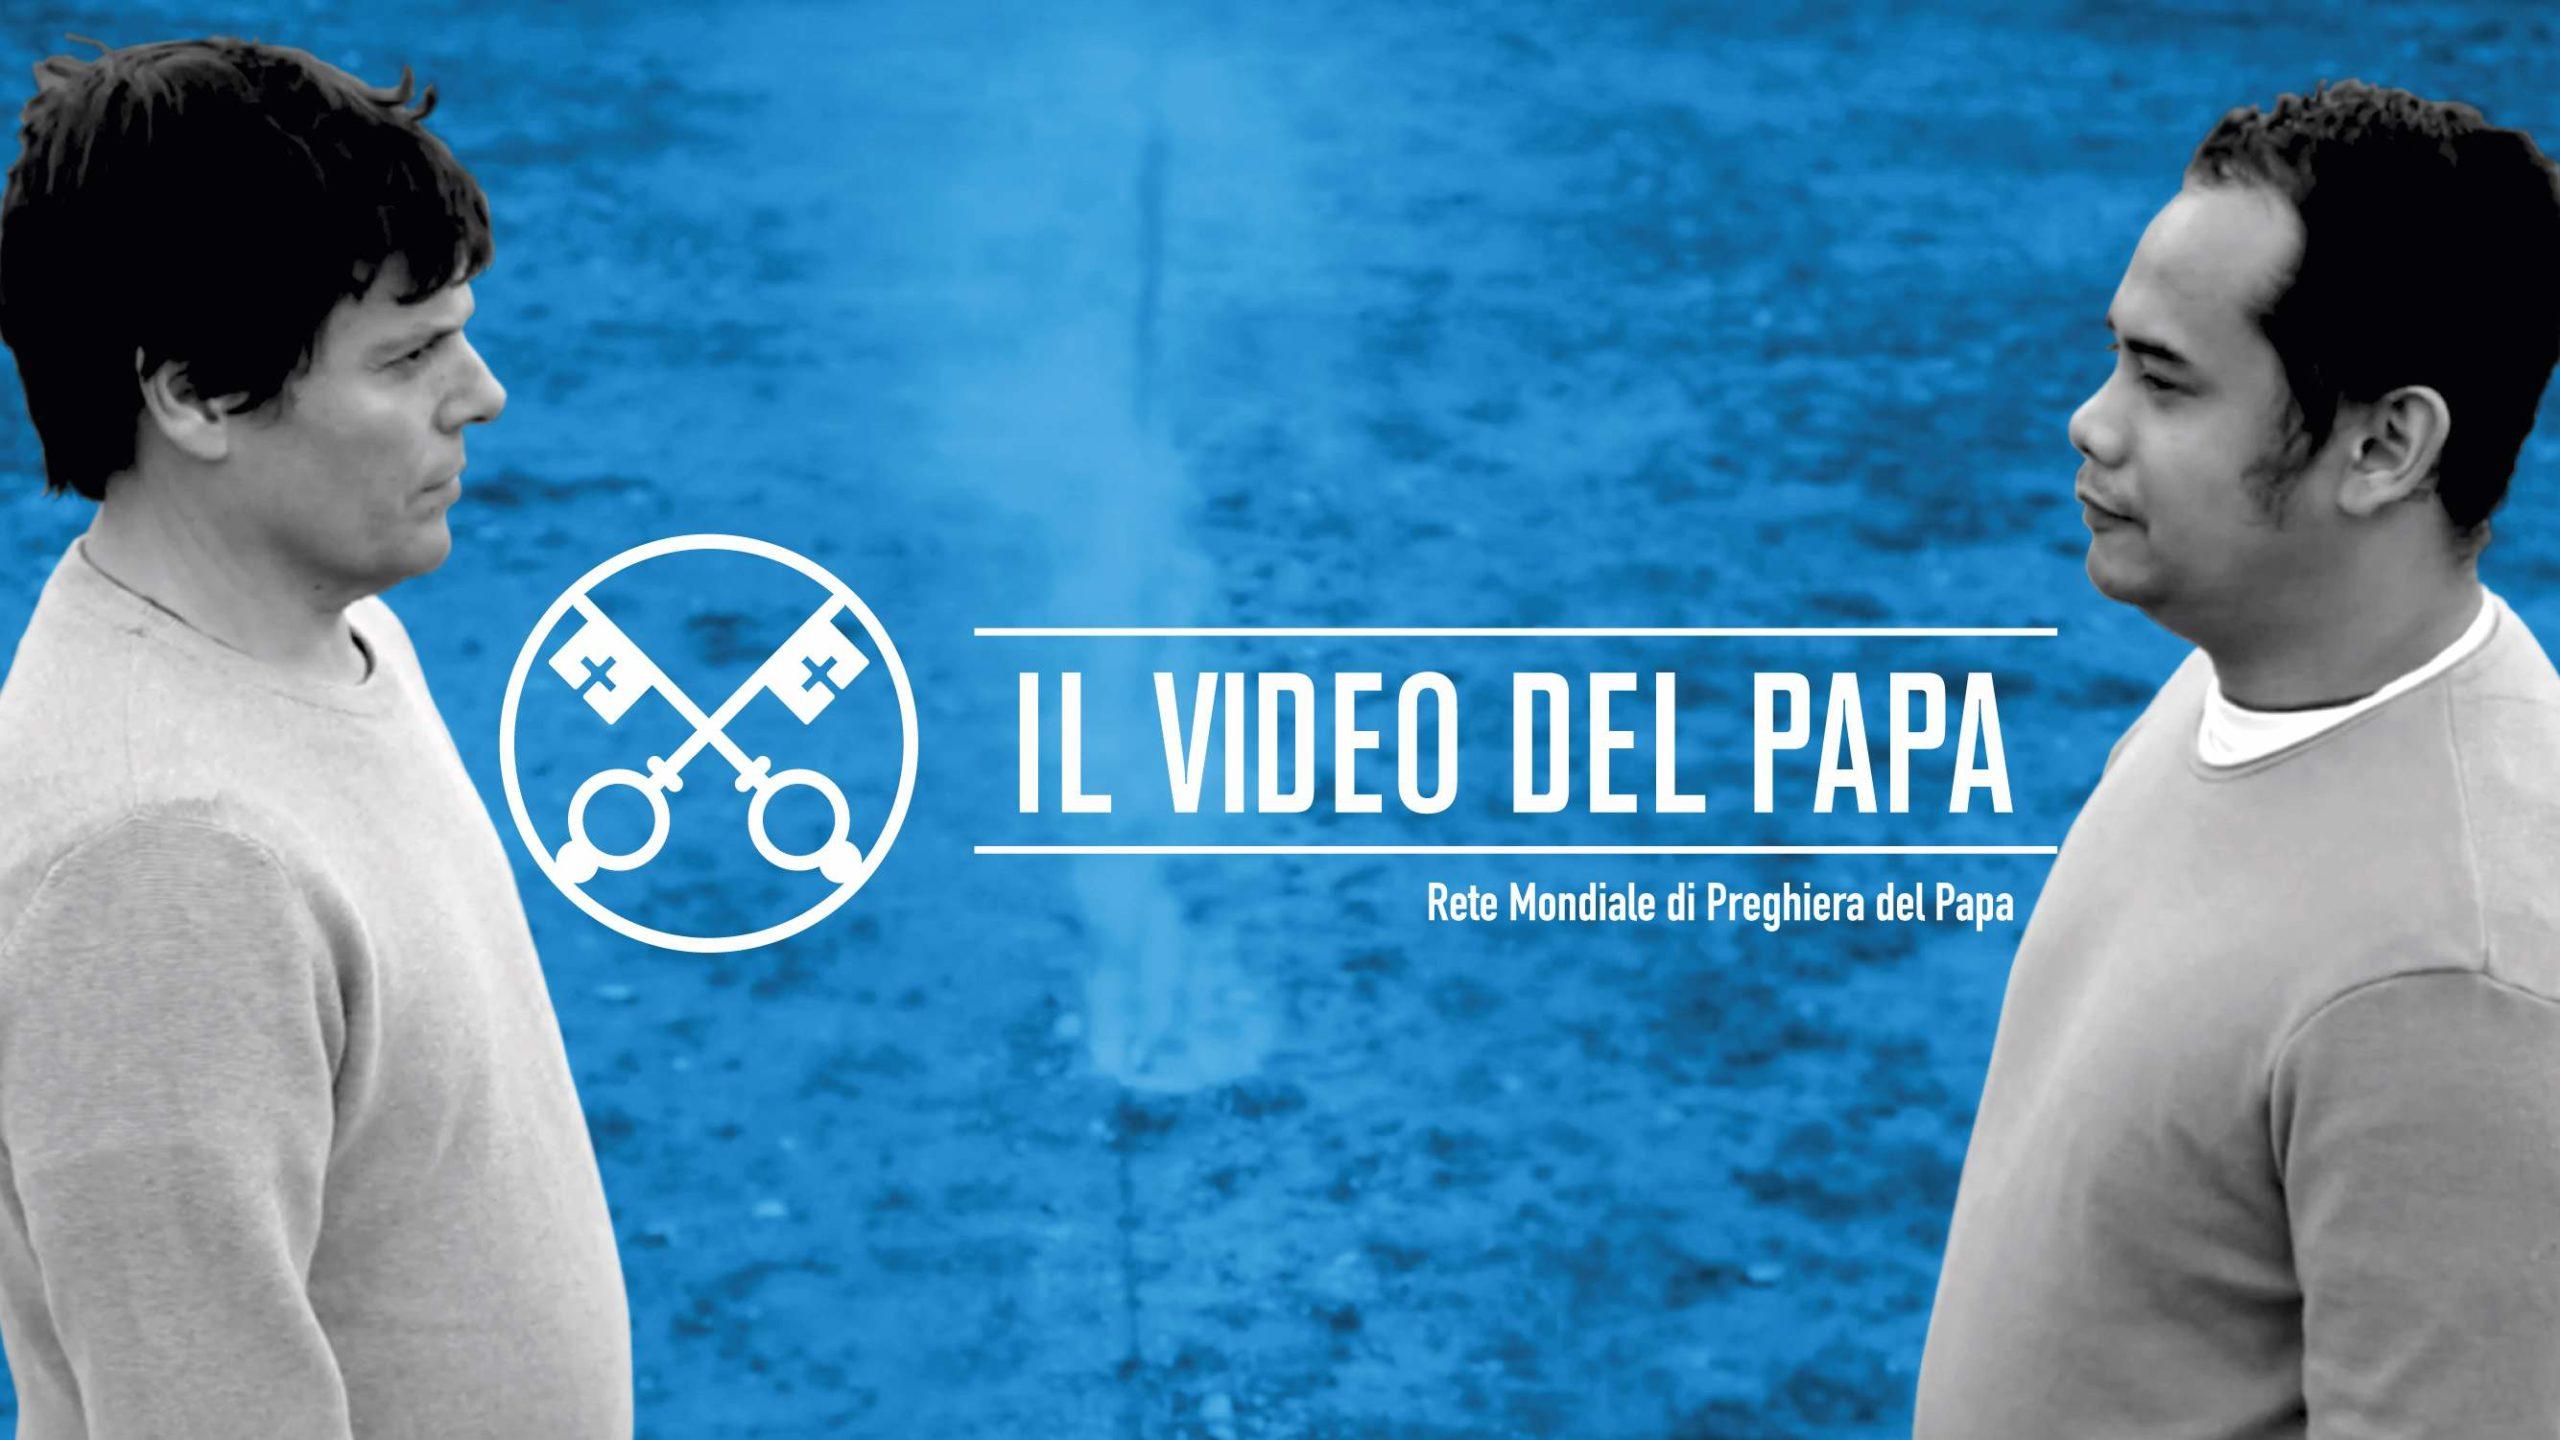 Official-Image-TPV-1-2020-IT-Il-Video-del-Papa-Promozione-della-pace-nel-mondo-scaled